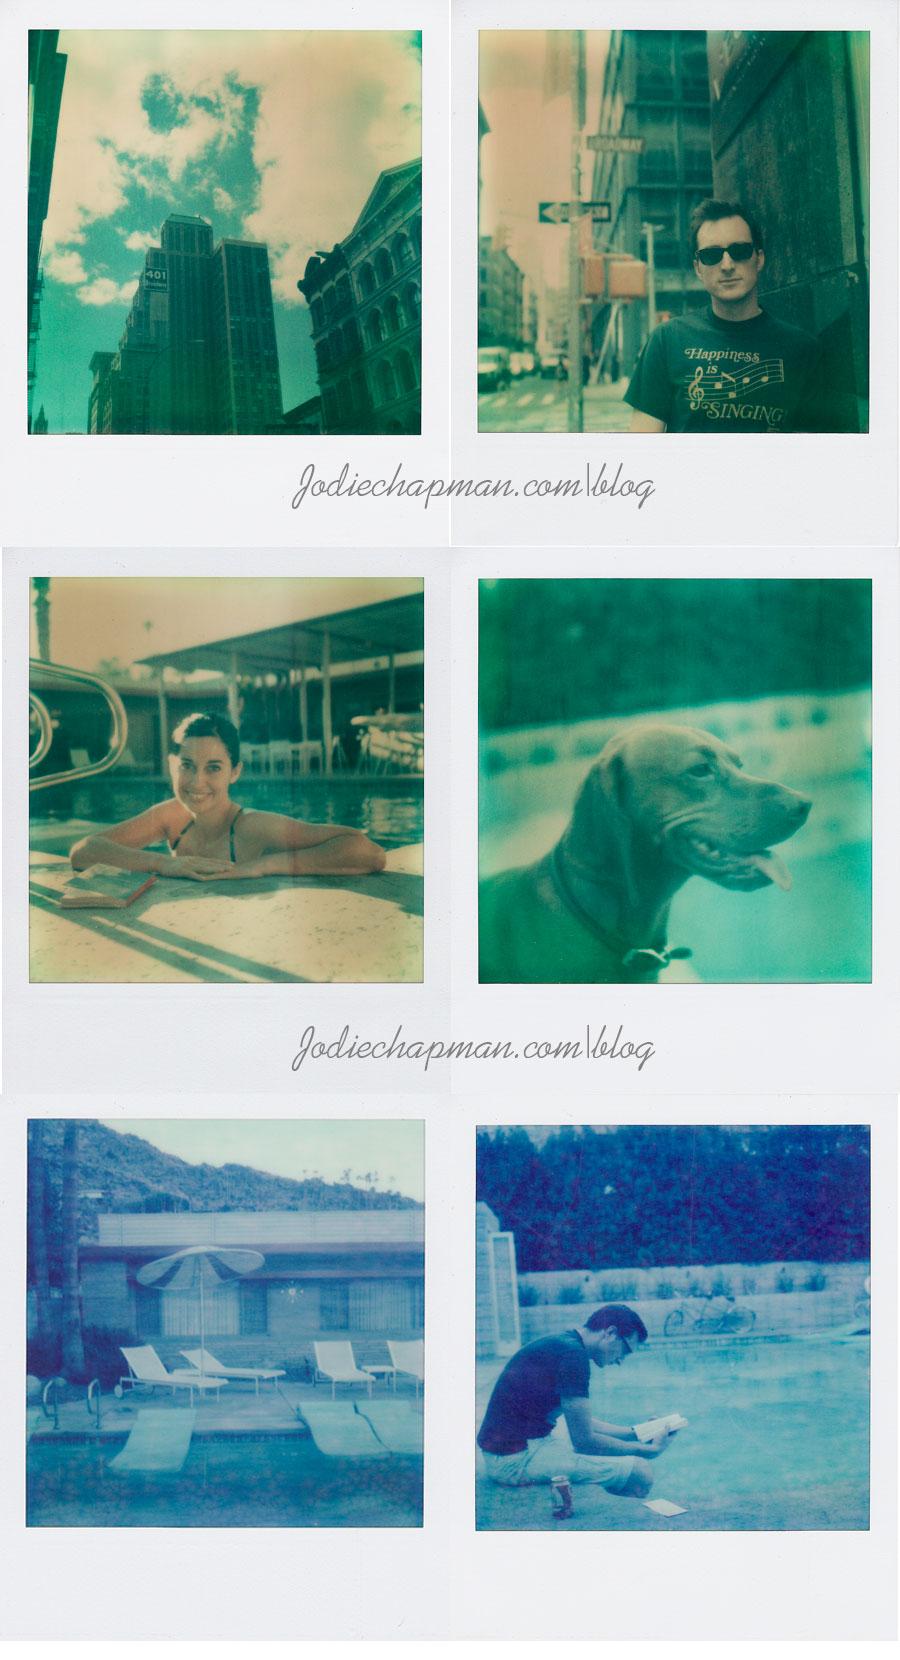 filmfriday170910-polaroid